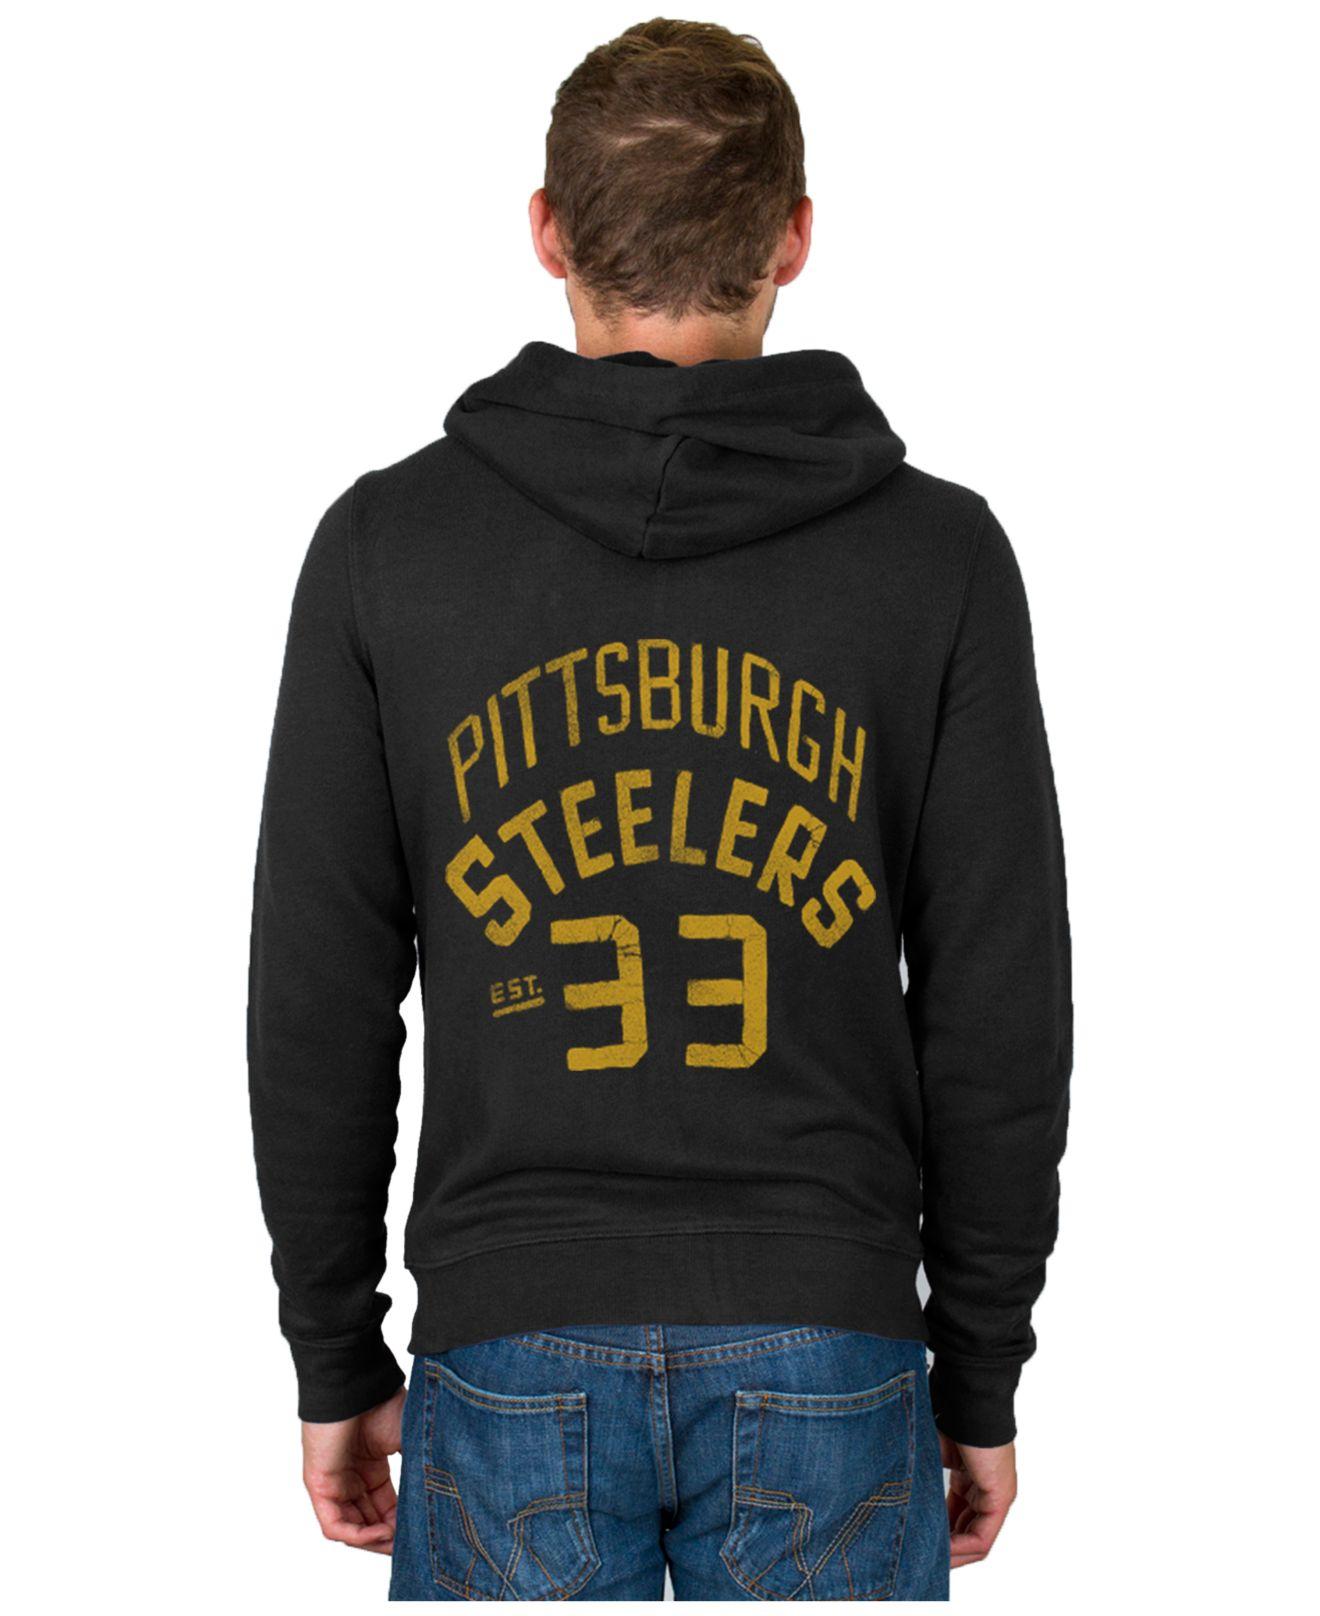 e39d69bdb Lyst - Junk Food Men s Pittsburgh Steelers Sunday Hoodie in Black ...